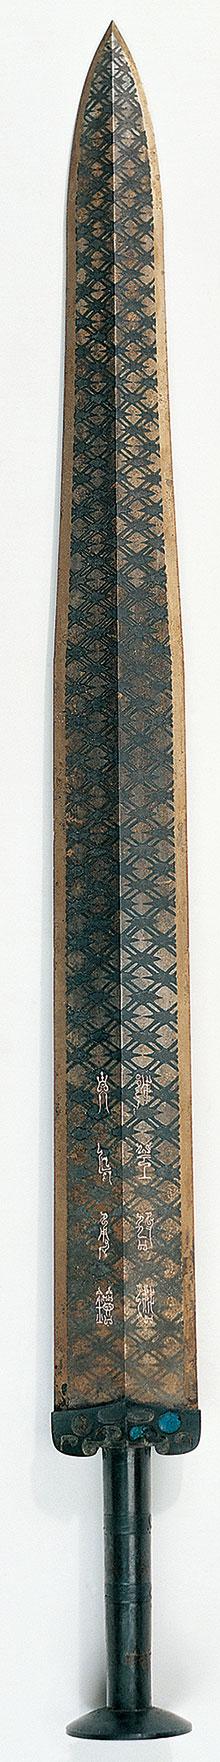 越王勾践剑——胜者为王